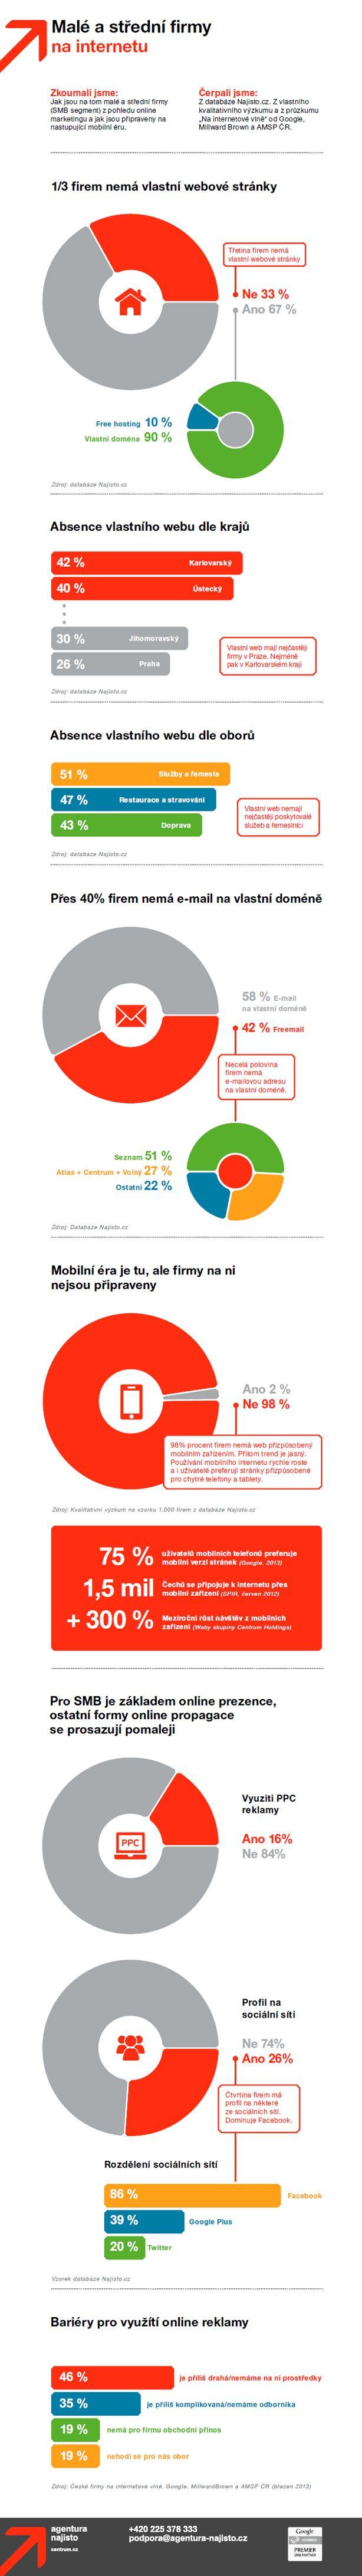 Martin Vinš o SEO, marketingu, turistice nebo filosofii   Irbe Blog: Infografika: Menší české firmy nemají weby přizpůsobené pro mobilní zař...